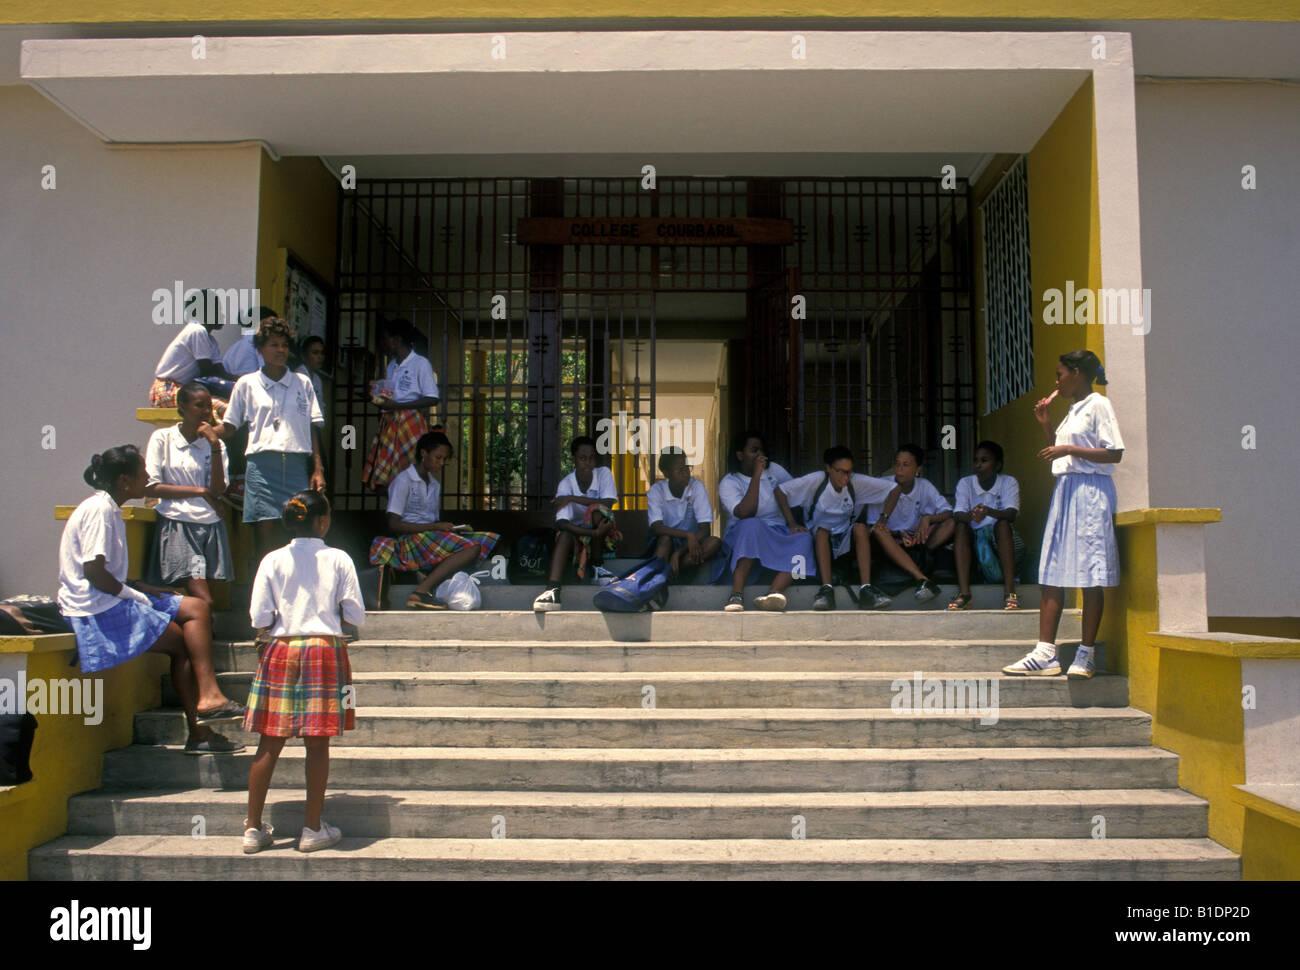 students, schoolgirl, schoolgirls, classmates, schoolmates, College Courbaril, school, Pointe-Noire, Basse-Terre, - Stock Image